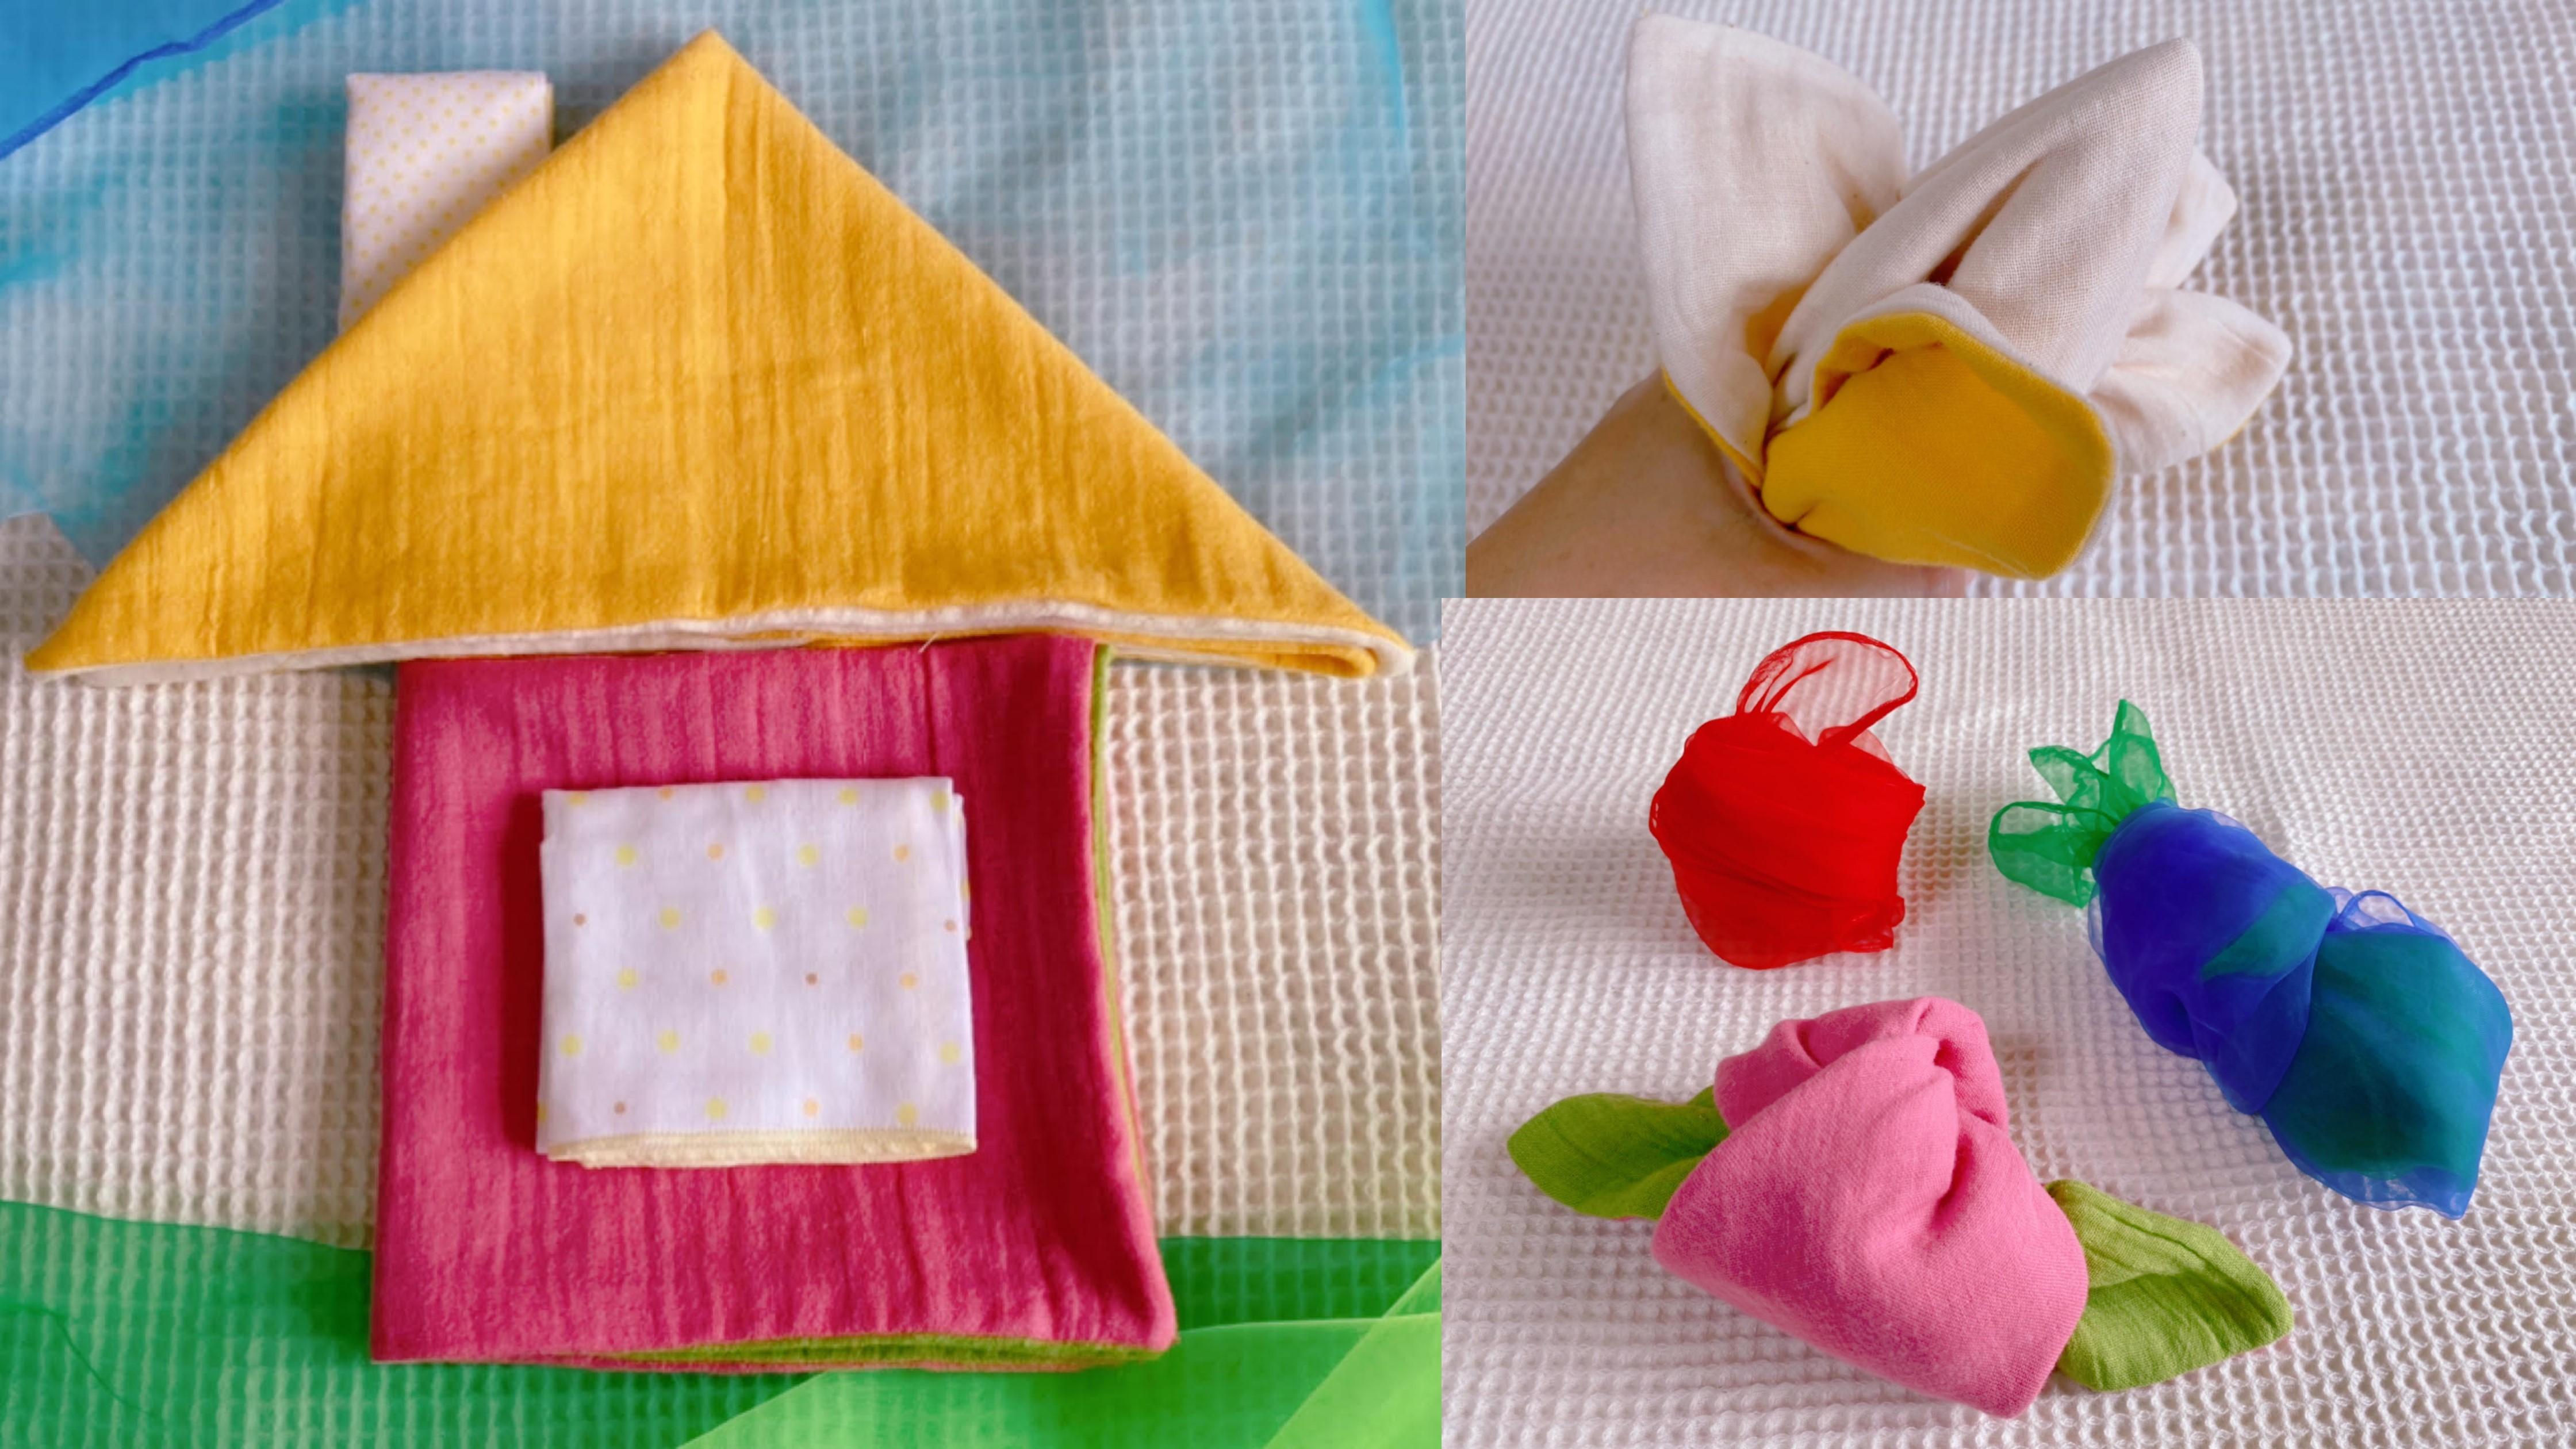 ハンカチや手ぬぐいで遊ぼう!たたむだけの簡単布遊び -縫わずに簡単!ママの手づくり布おもちゃ#2